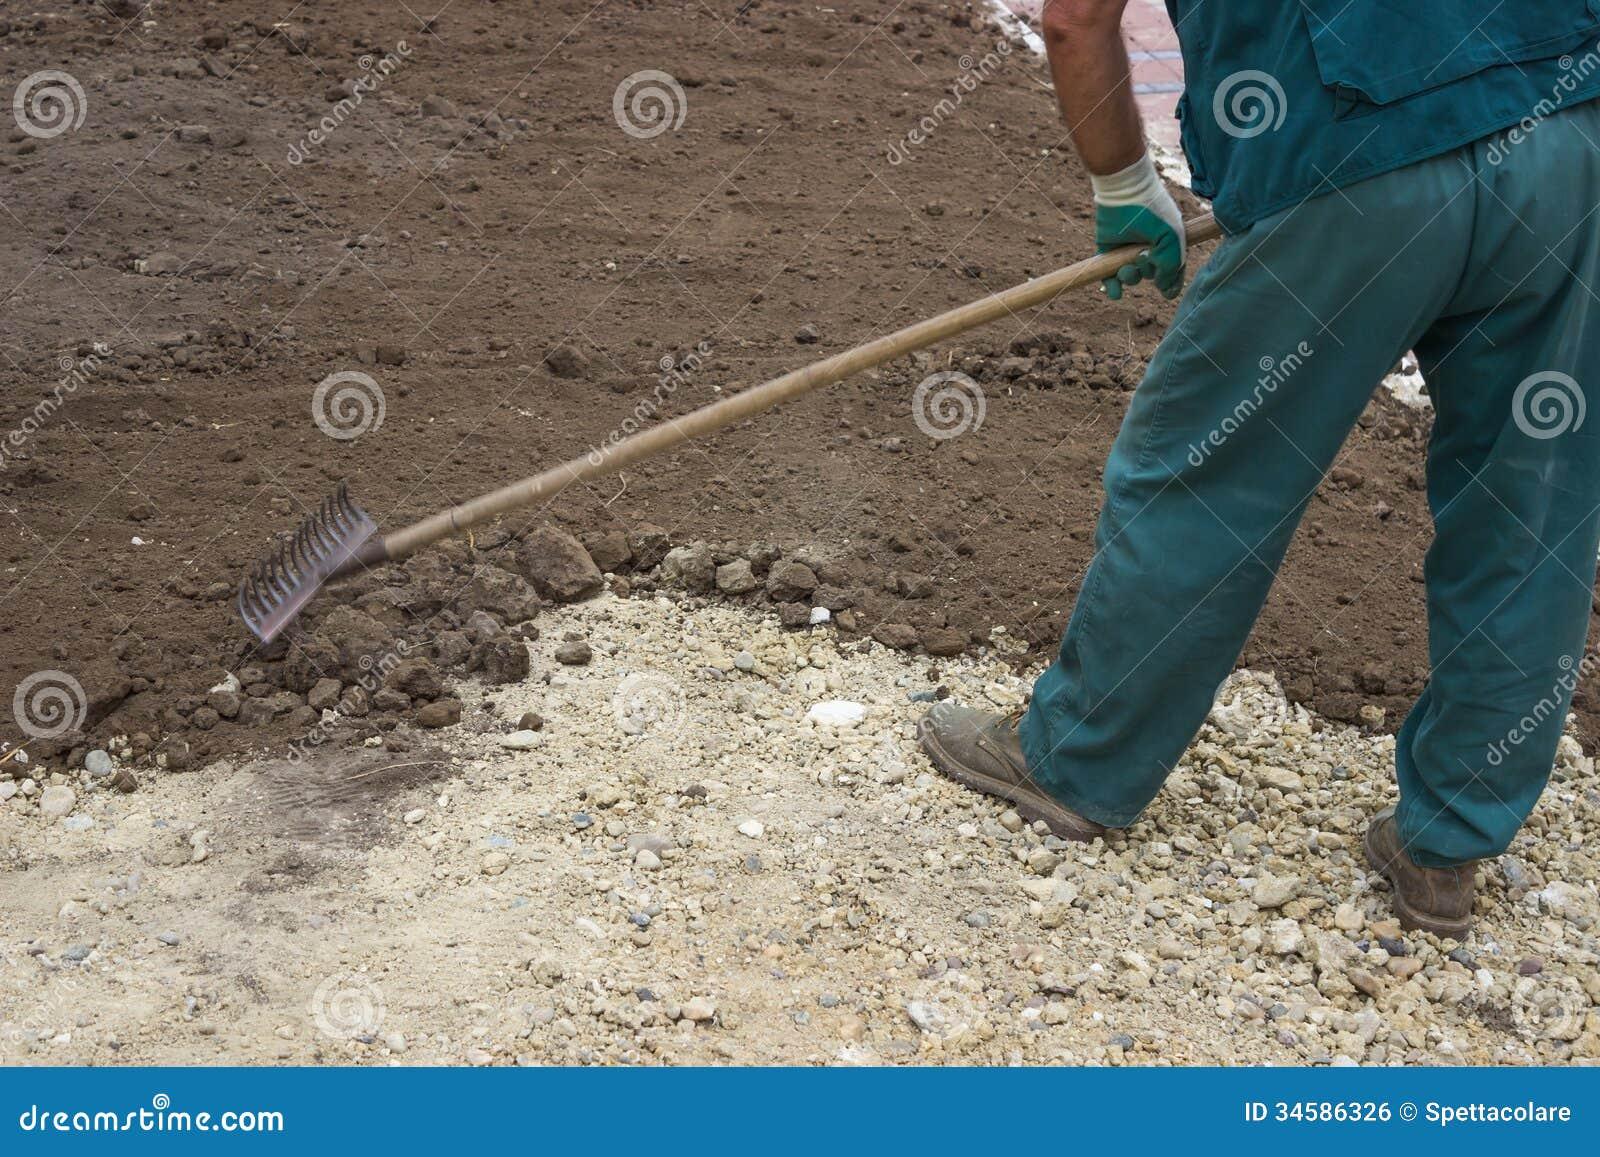 Raised Bed Gardening Plans Yard Leveling Work 2 stock photo. Image of fertilize ...